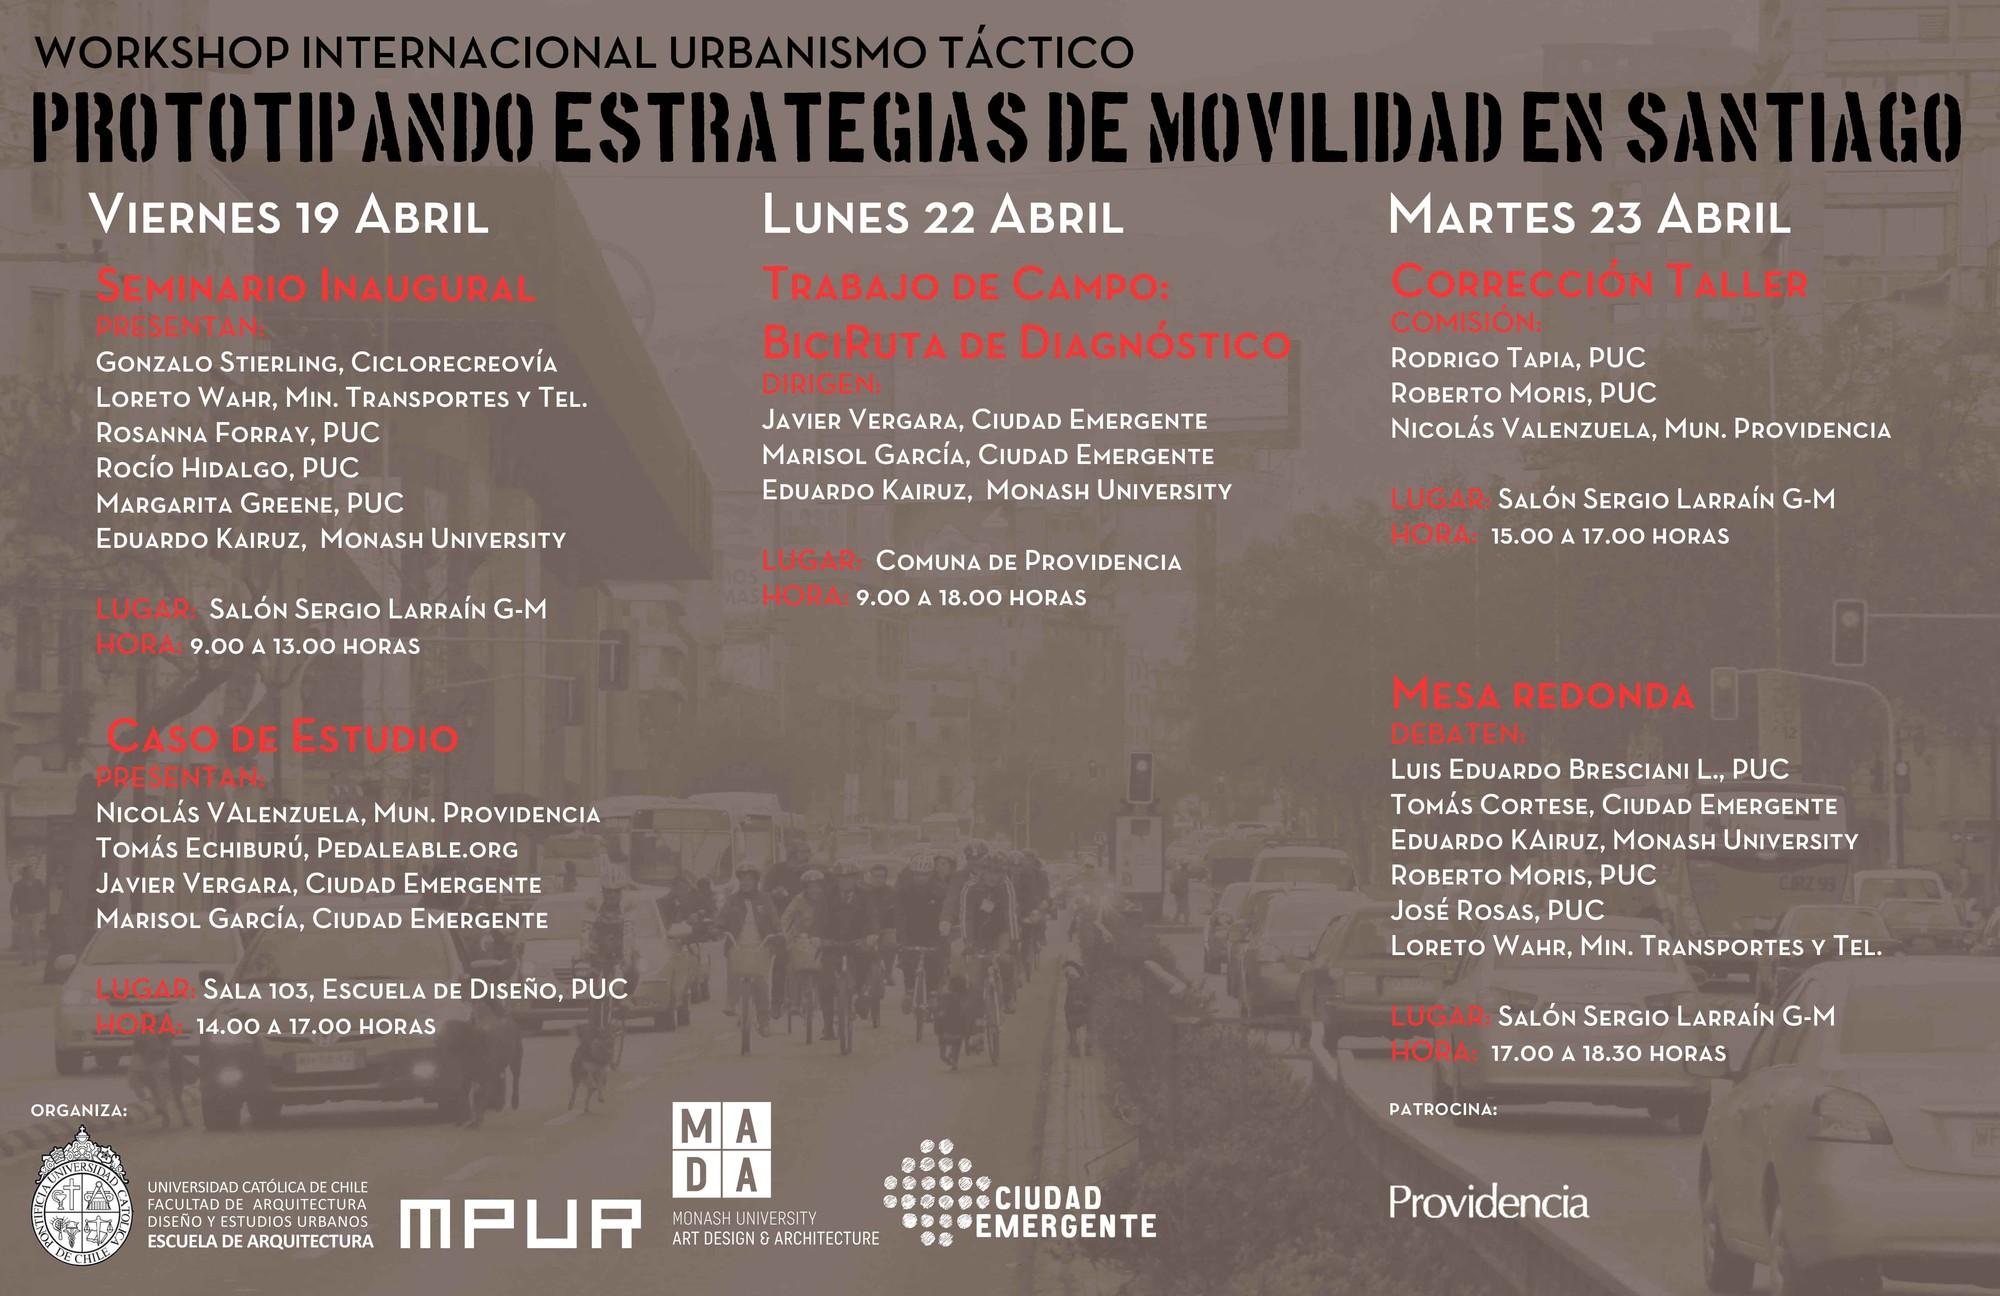 Workshop Internacional: Urbanismo Táctico: Prototipando Estrategias de Movilidad en Santiago